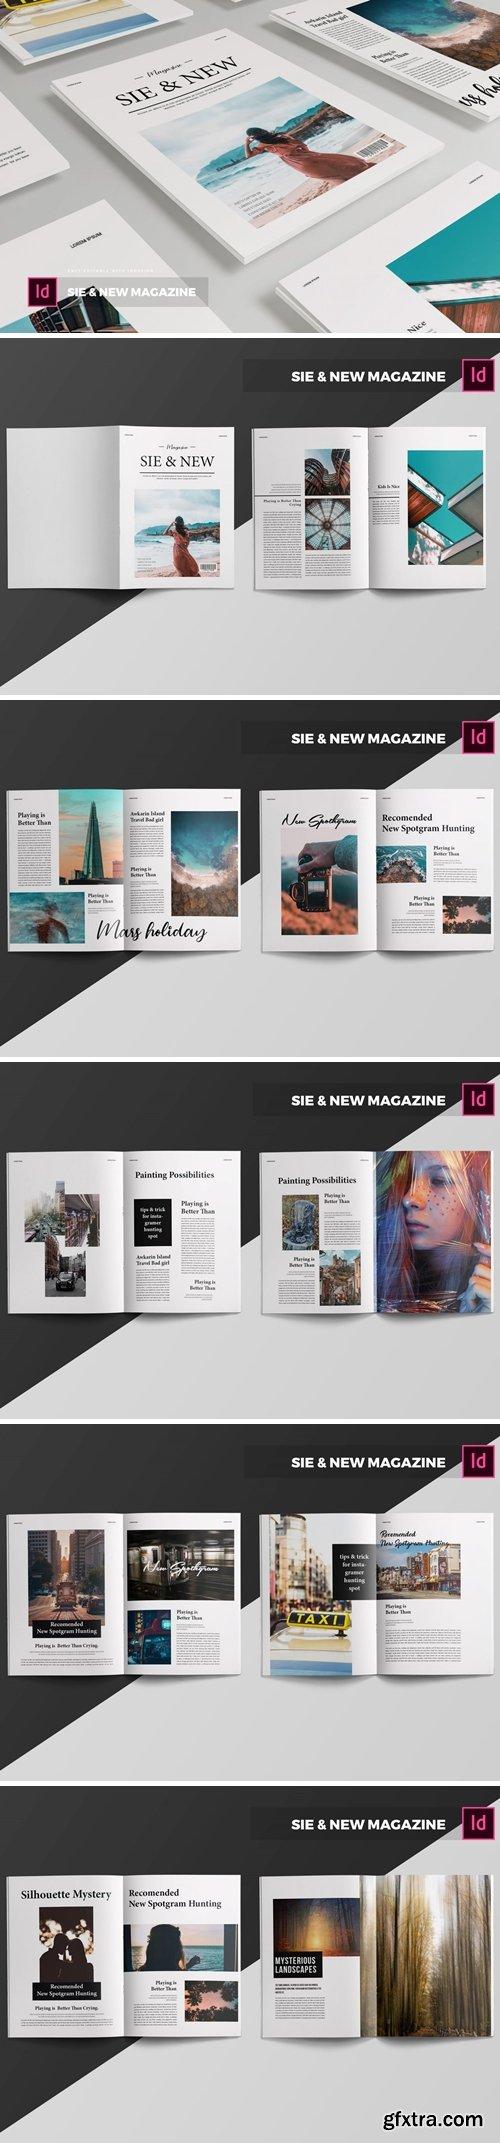 Sie & New   Magazine Template